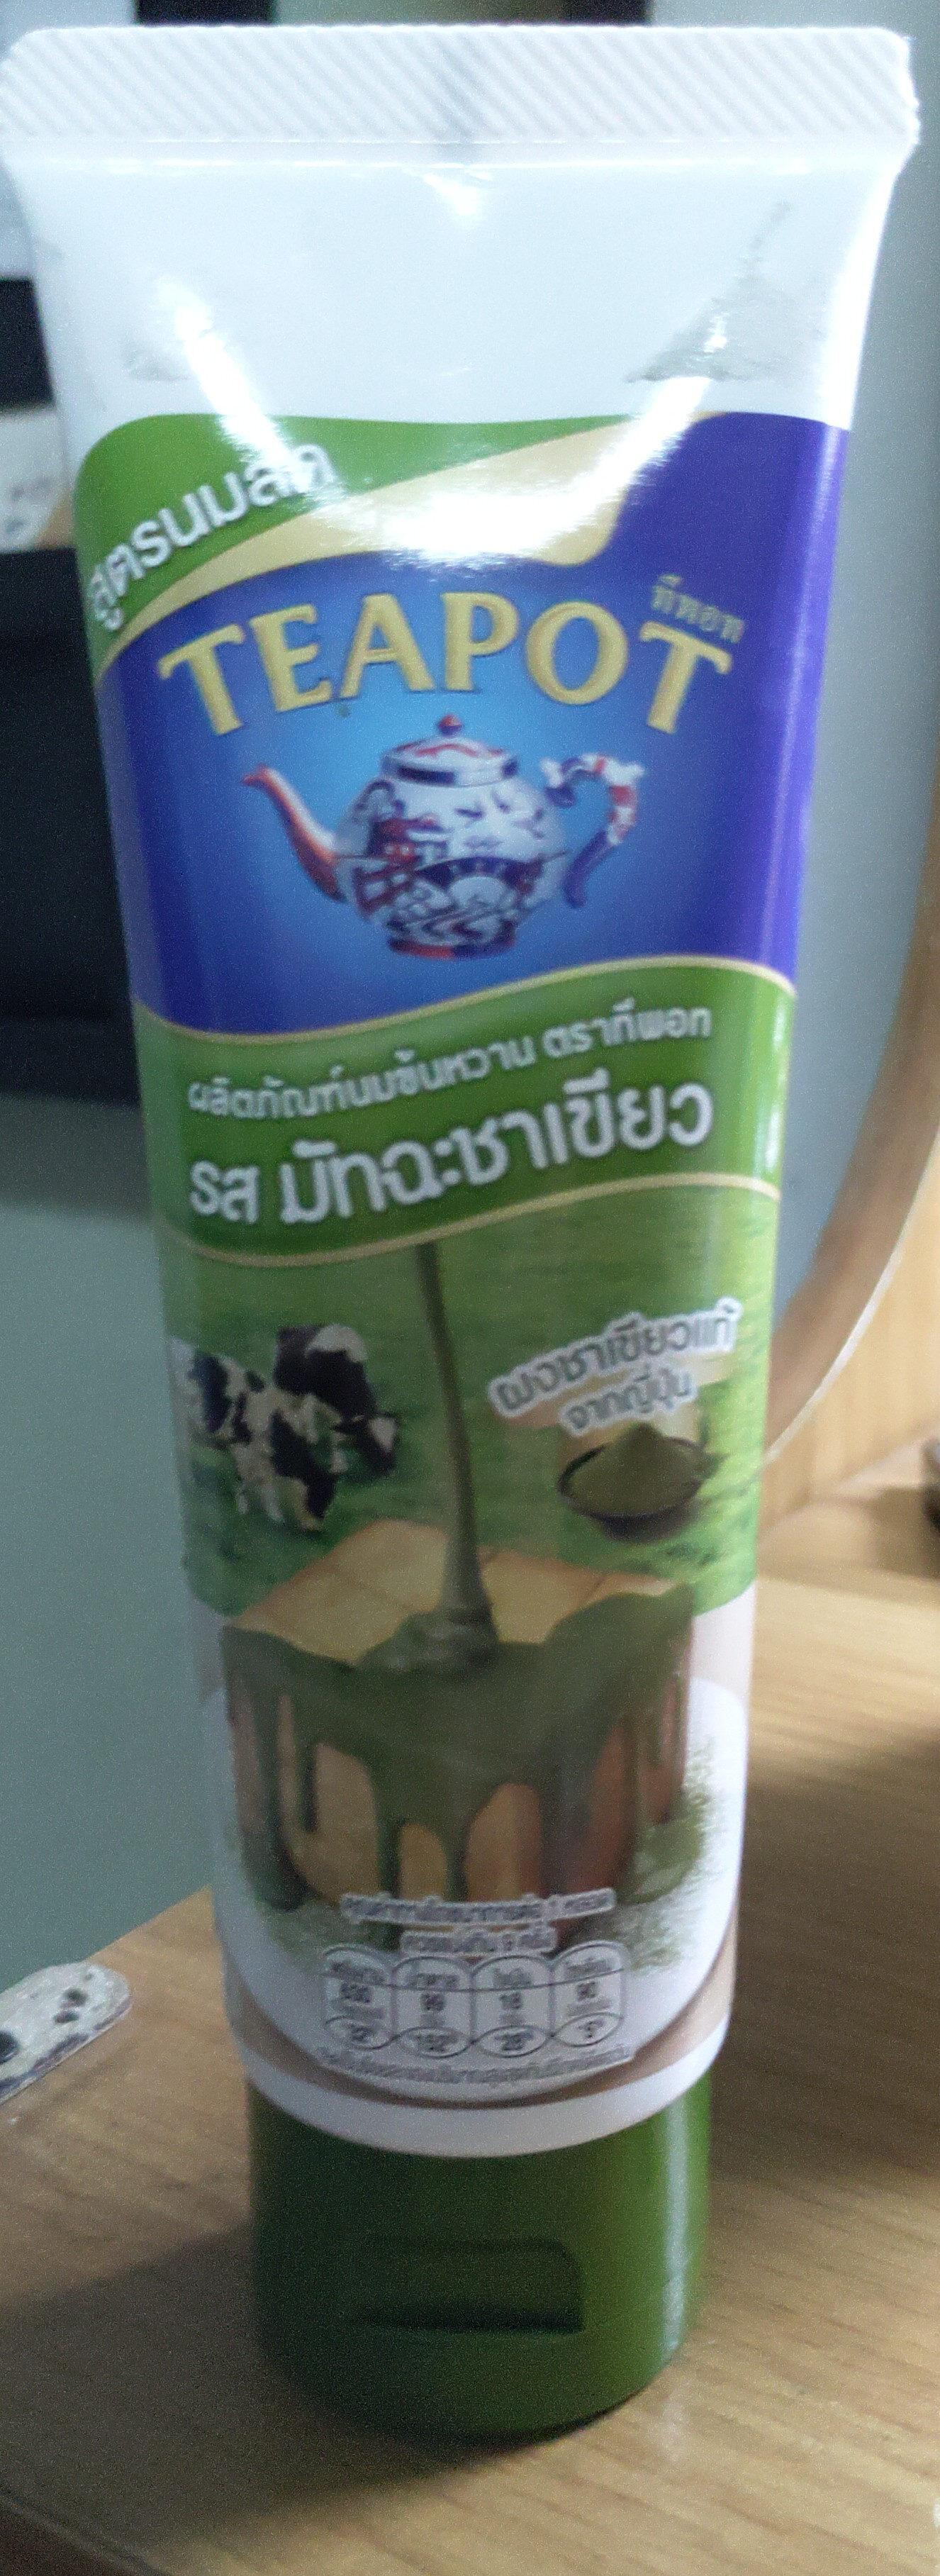 นมข้นหวาน รสชาเขียว มัทฉะ - Produit - th